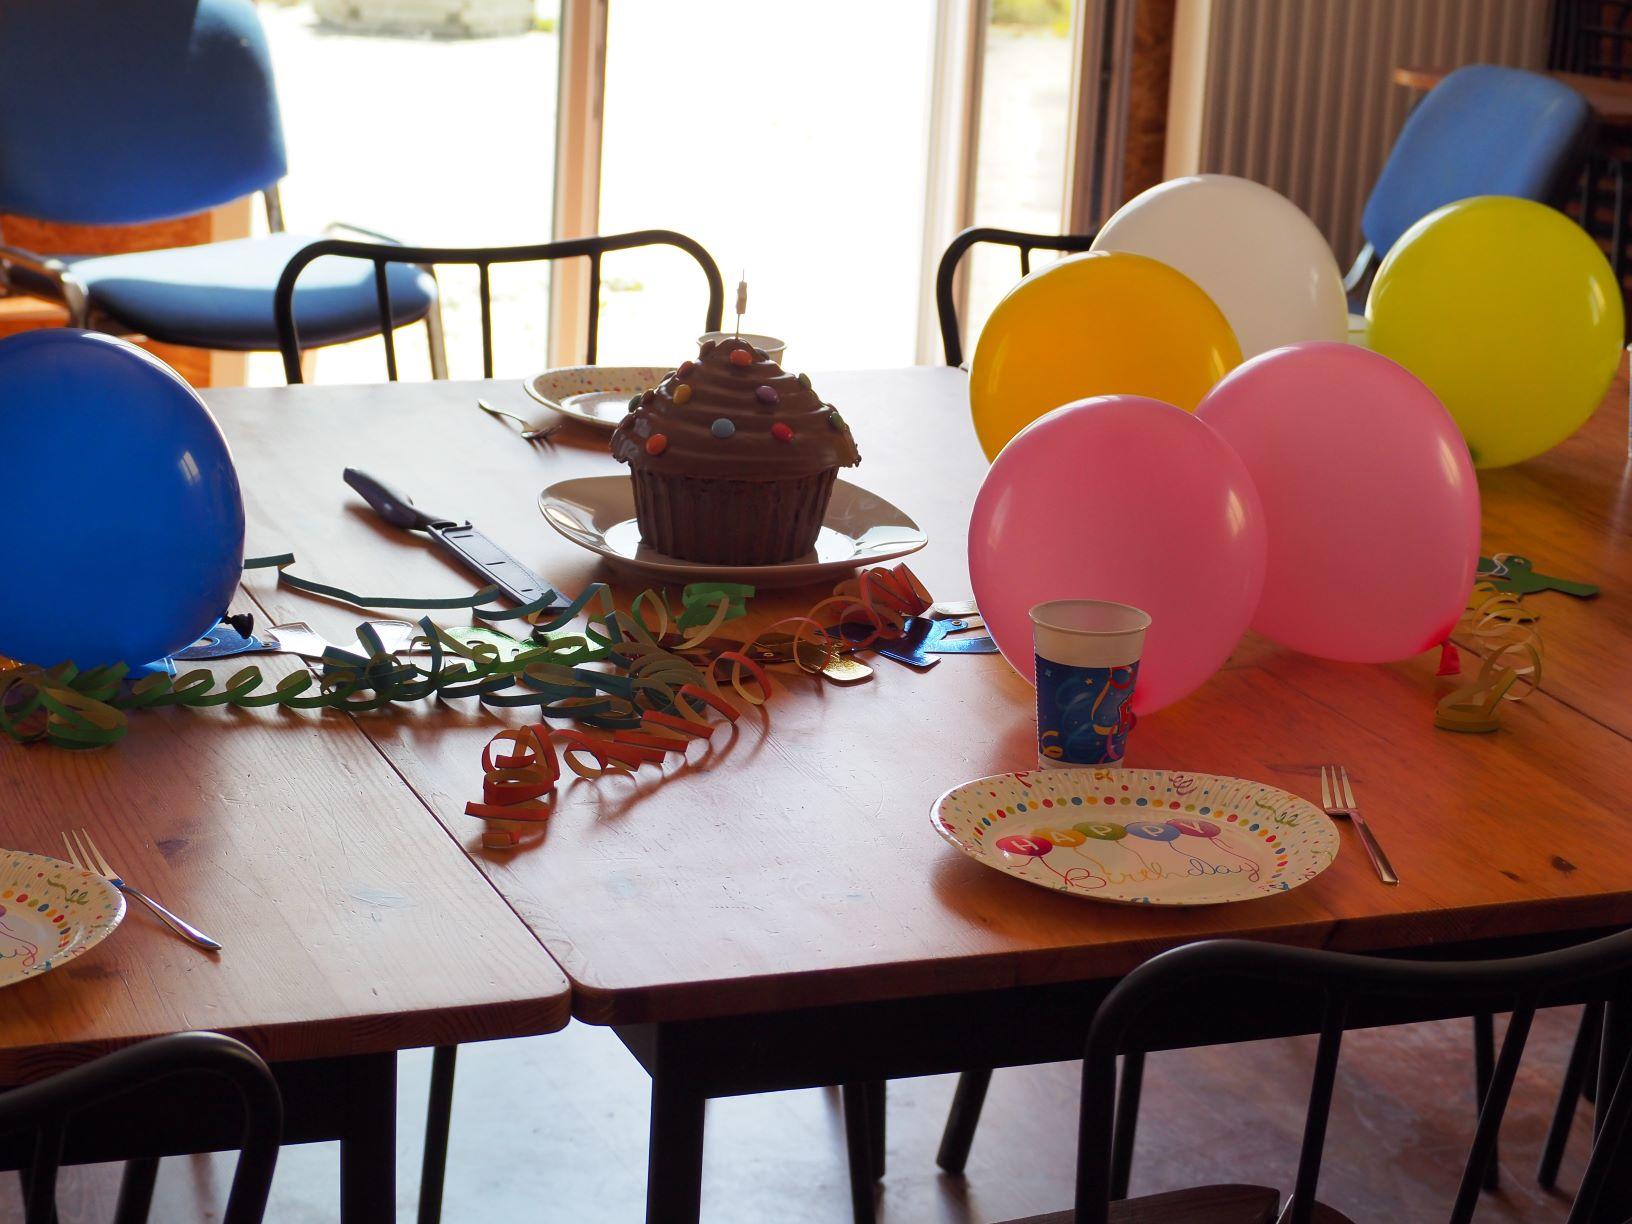 Kindergeburtstag mit Torte